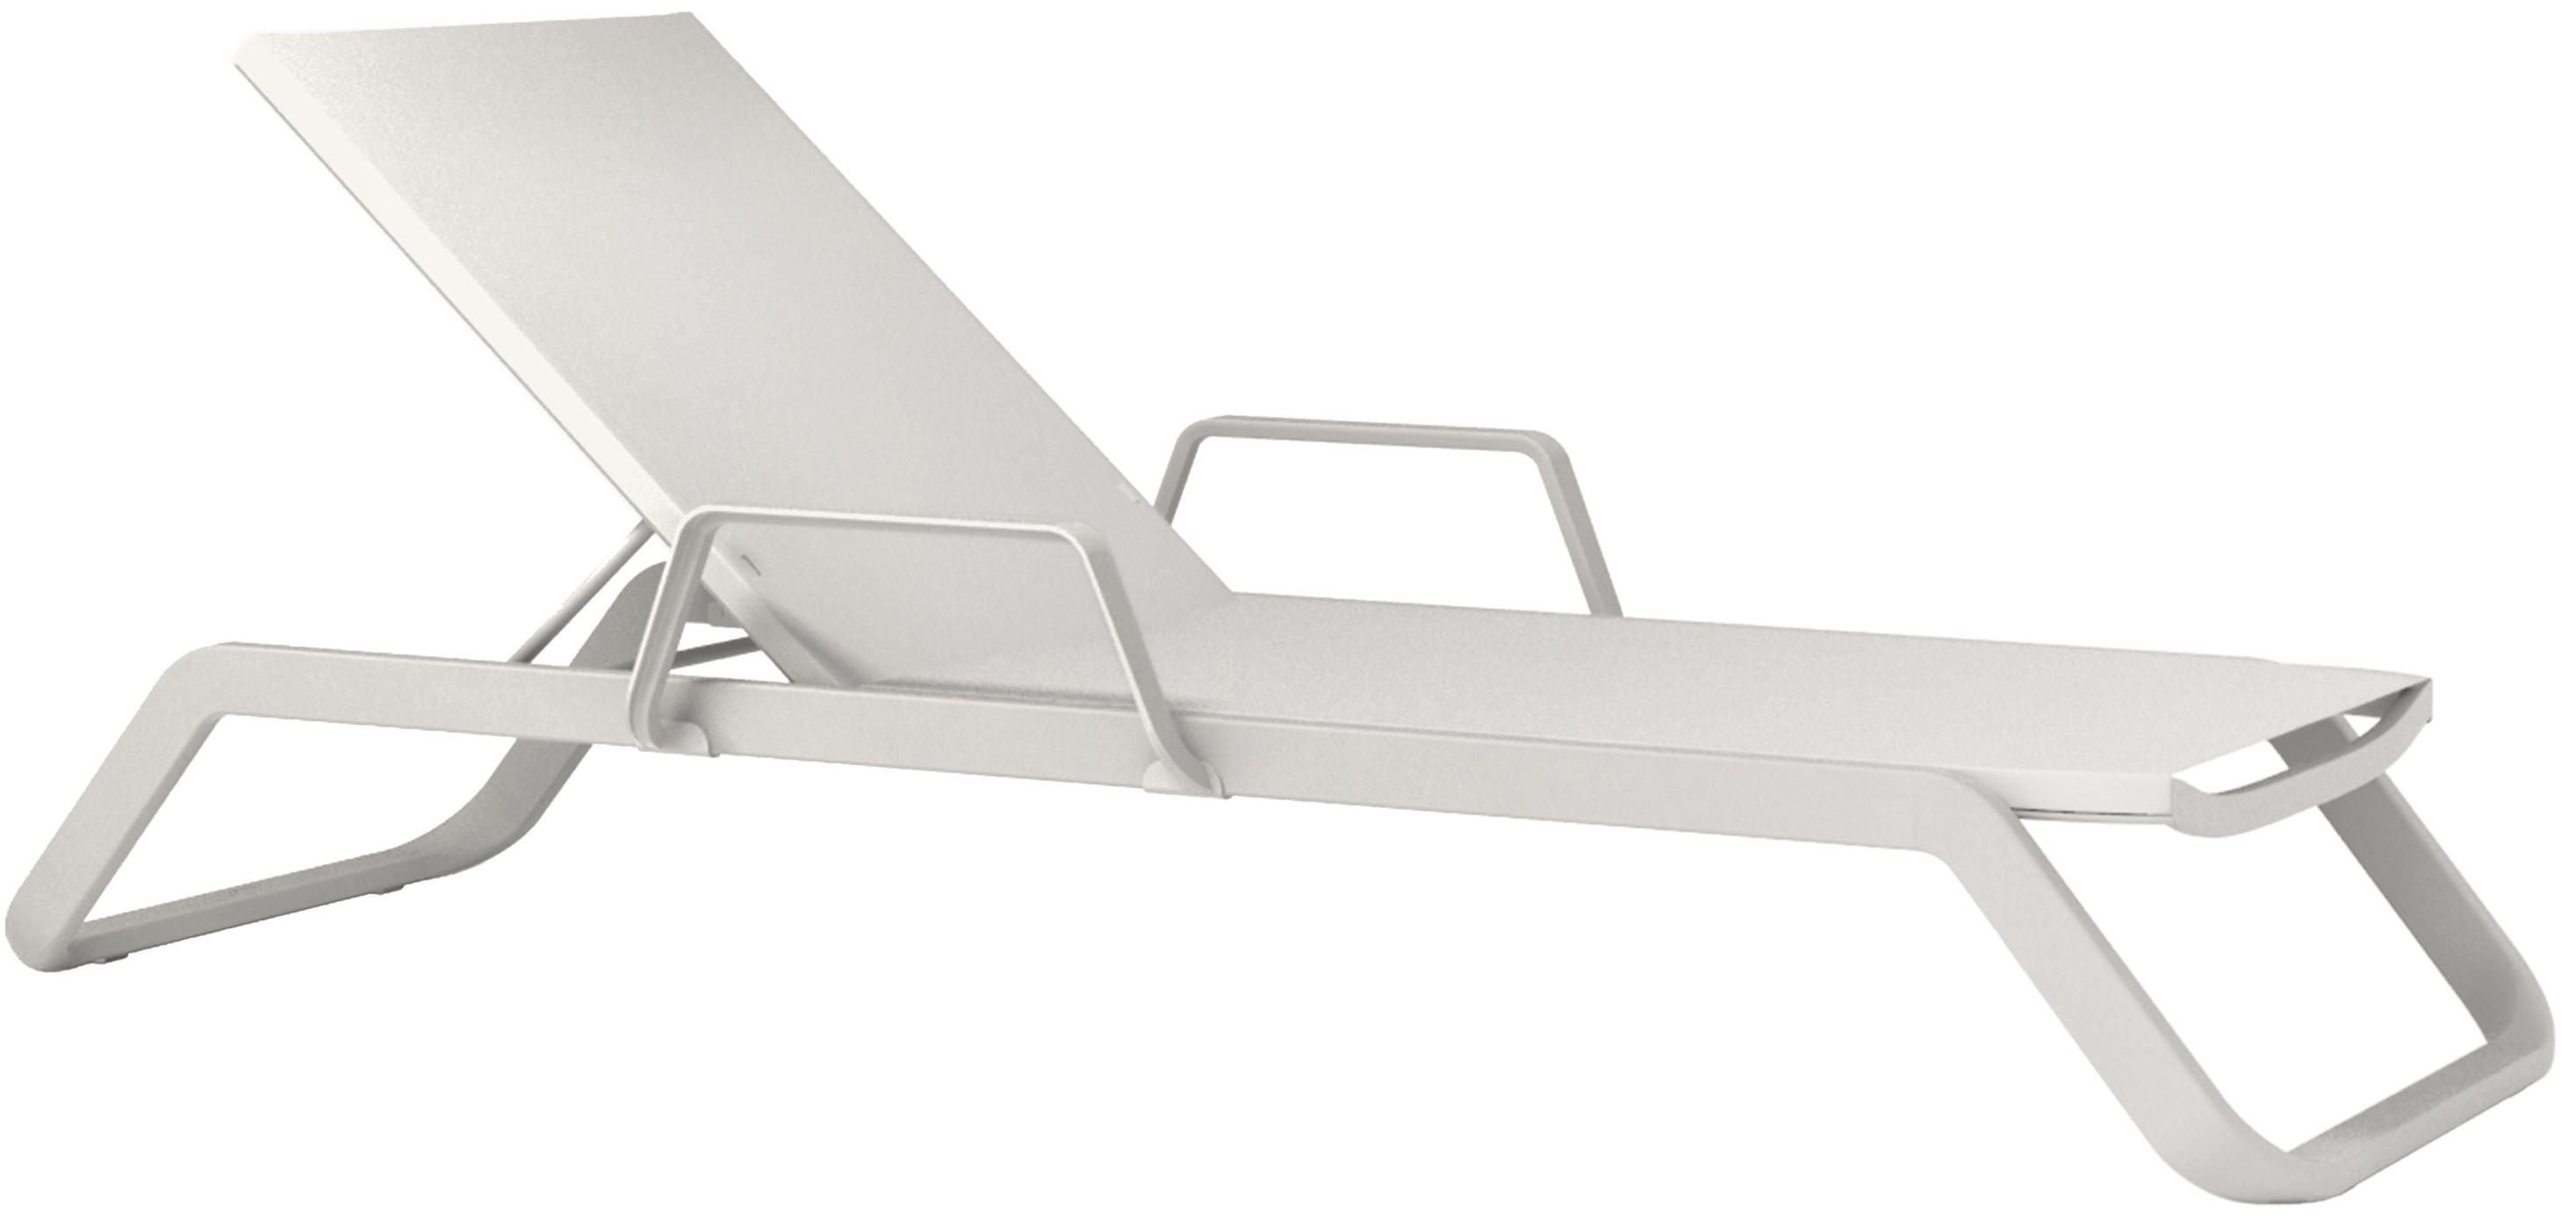 Lounge Ezpeleta Tumbona con brazos white  Blancos Aluminio lacado Textiline